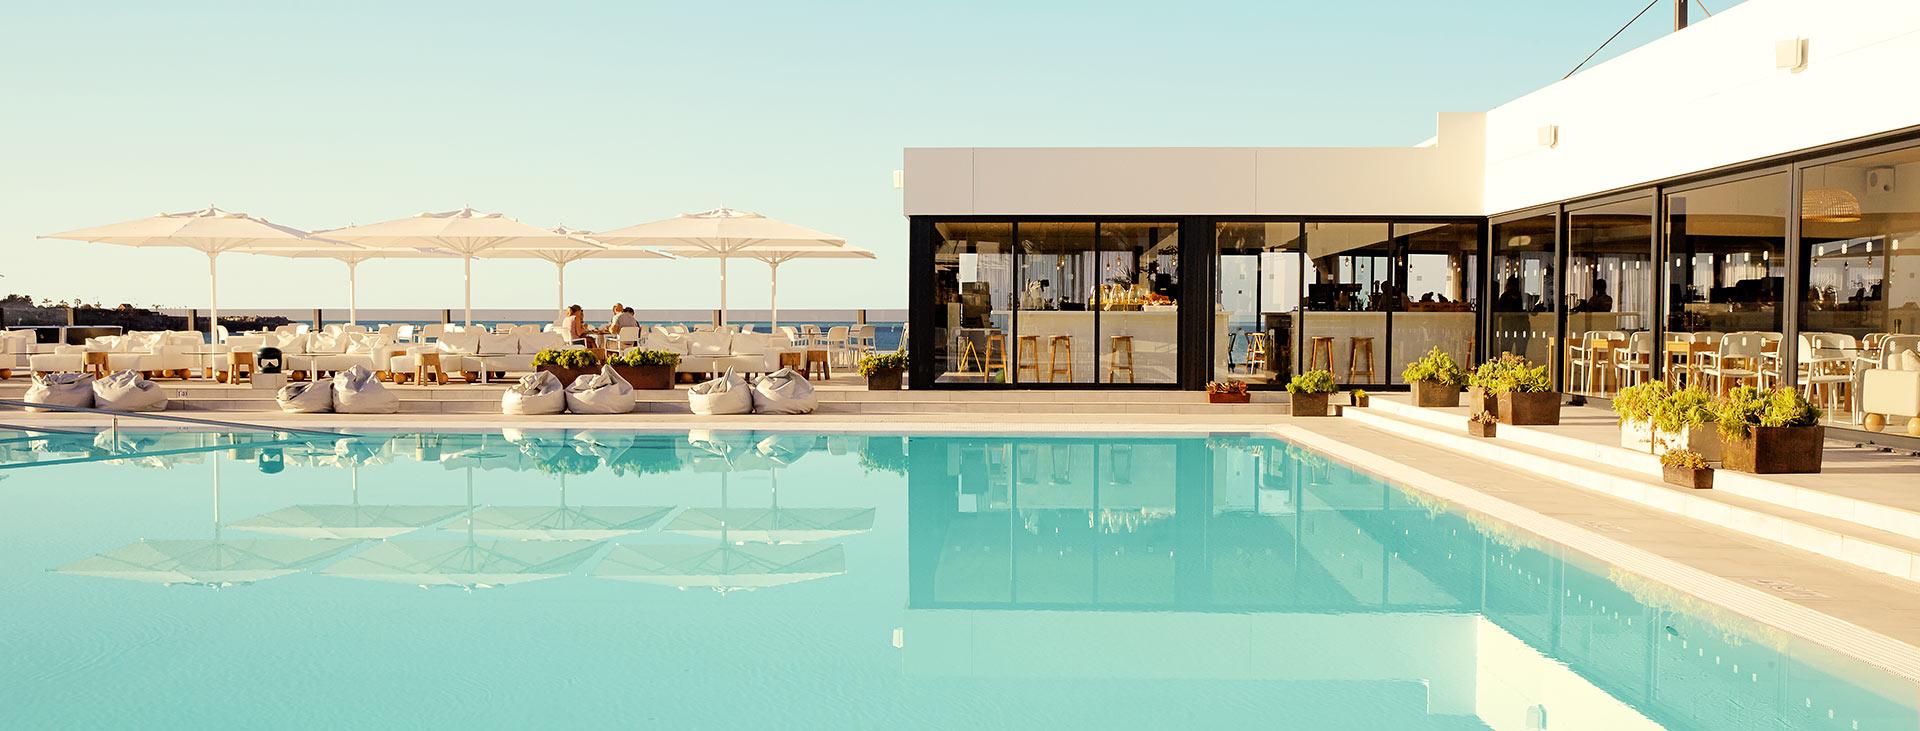 Ocean Beach Club - Gran Canaria, Playa del Cura, Gran Canaria, Kanarieöarna